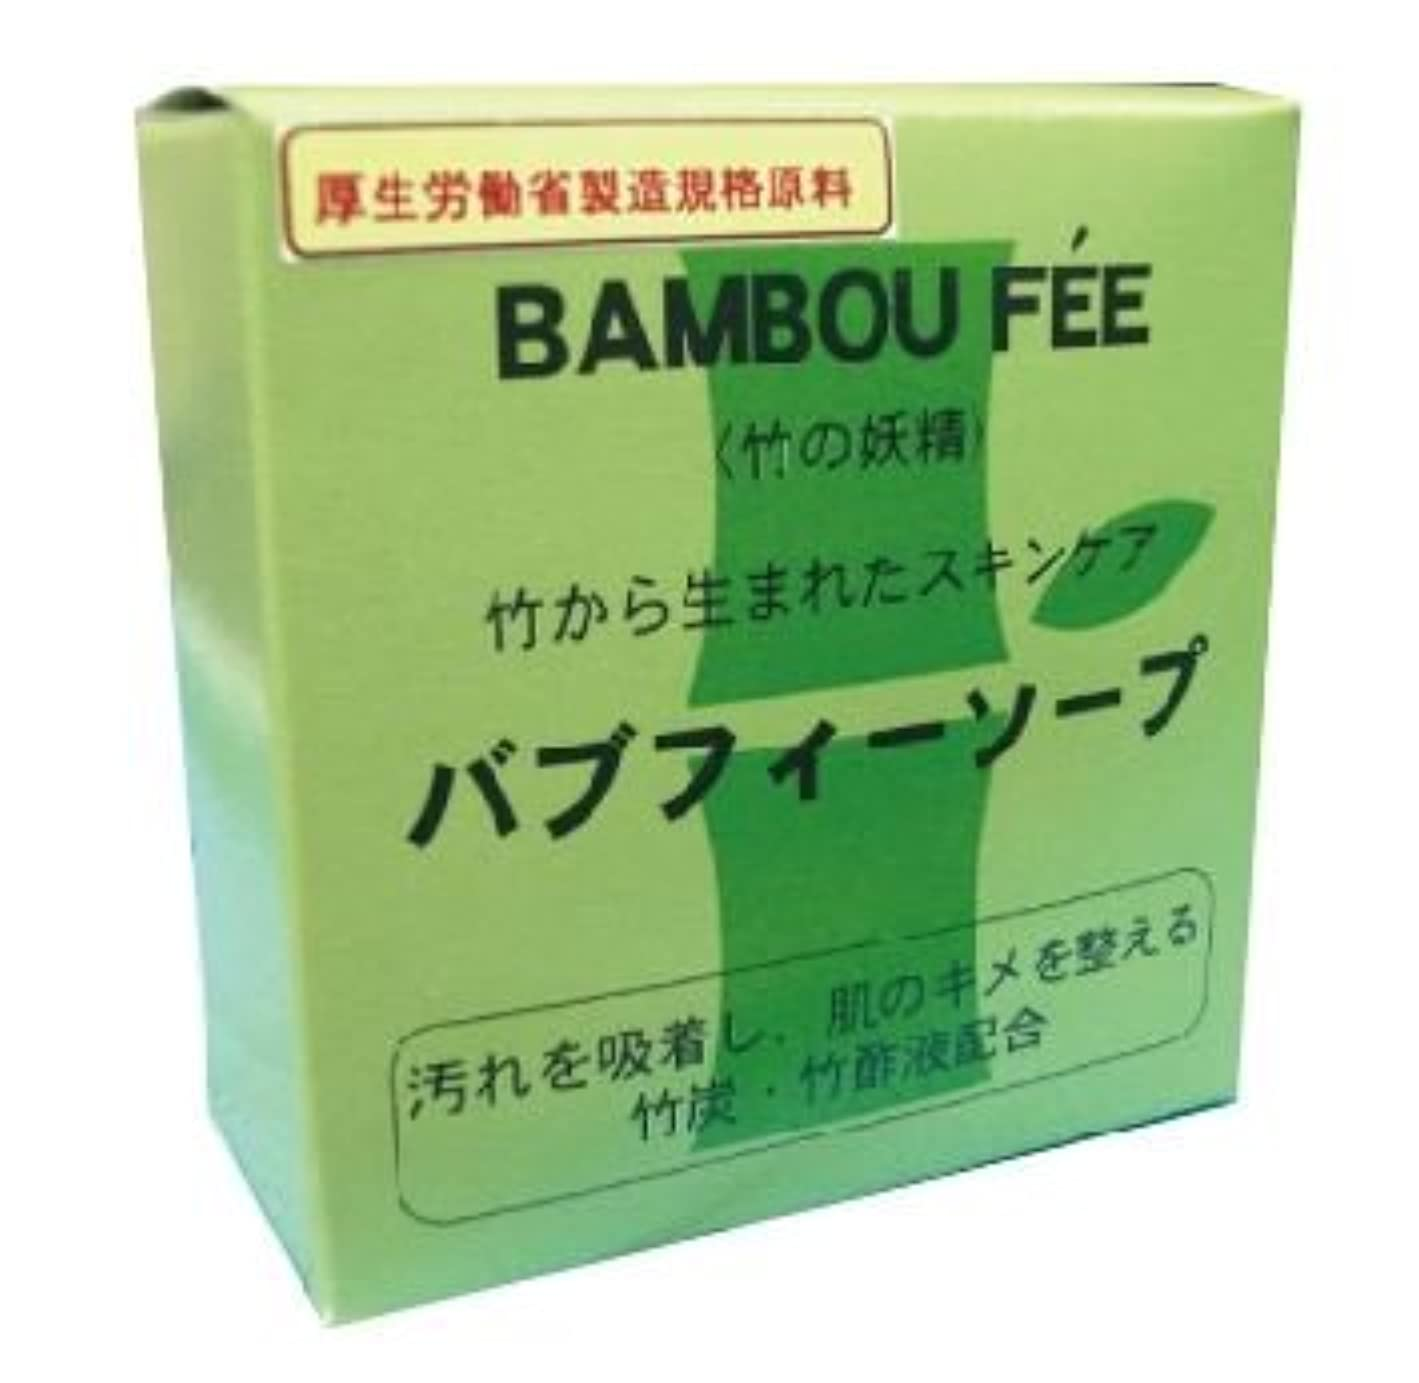 飲食店破産ハプニング竹炭石鹸 バブフィーソープ